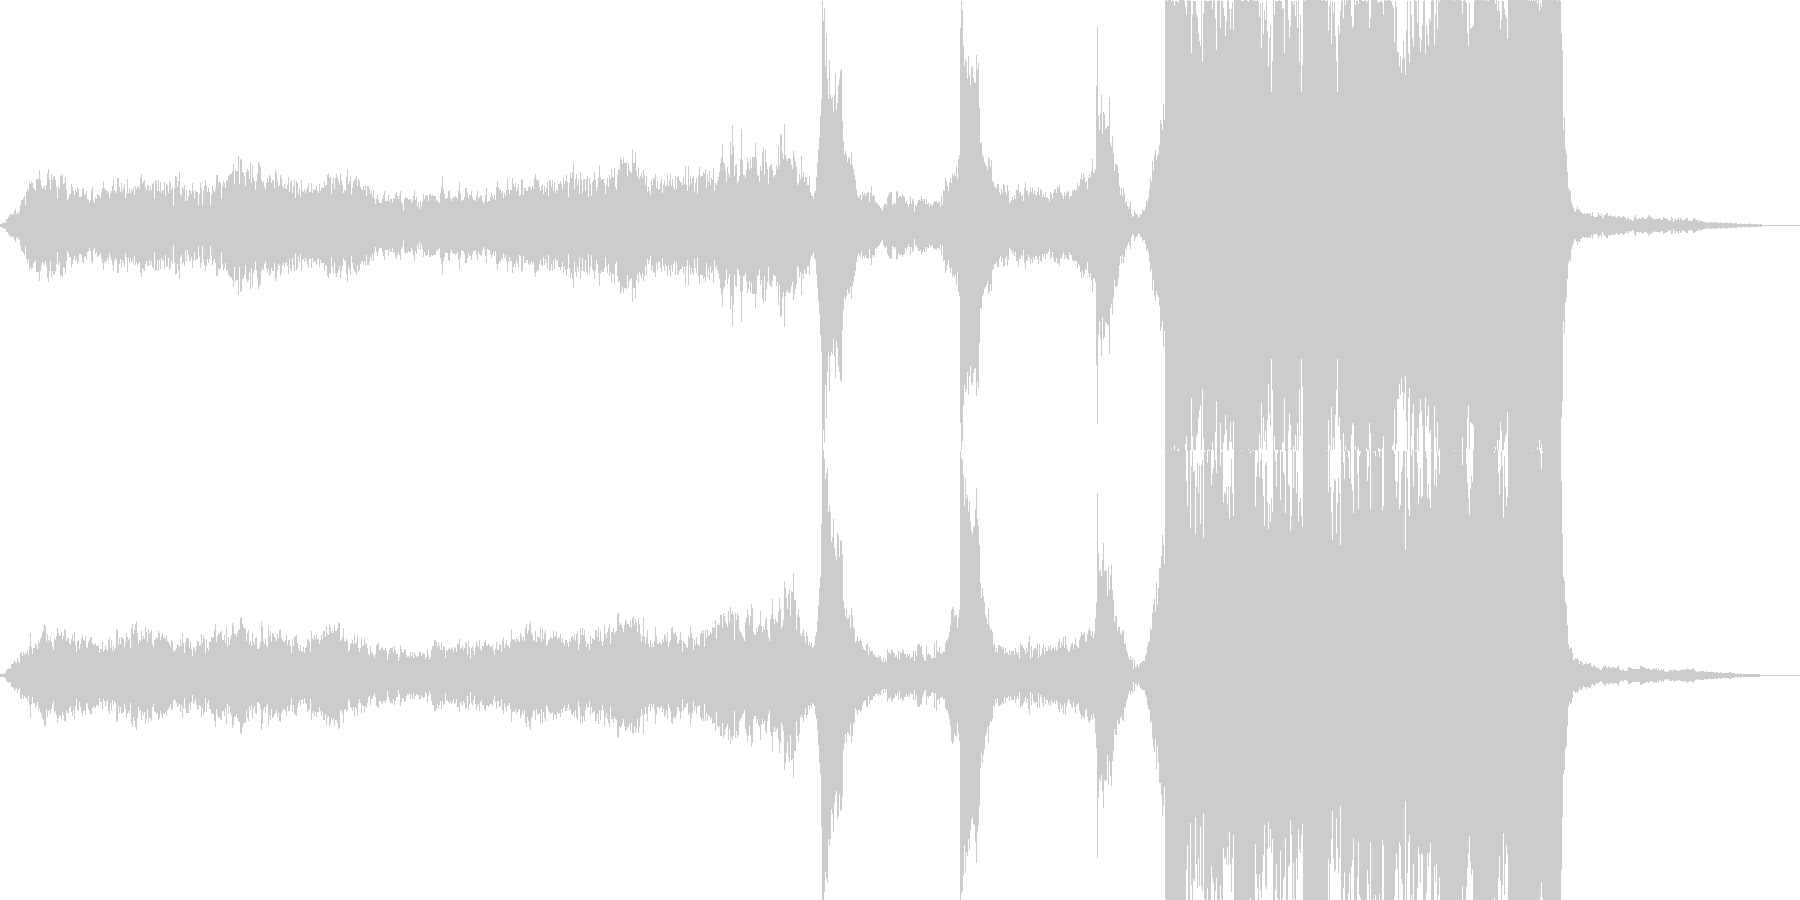 雄大なダイナミクスを持つ映画トレーラーの未再生の波形